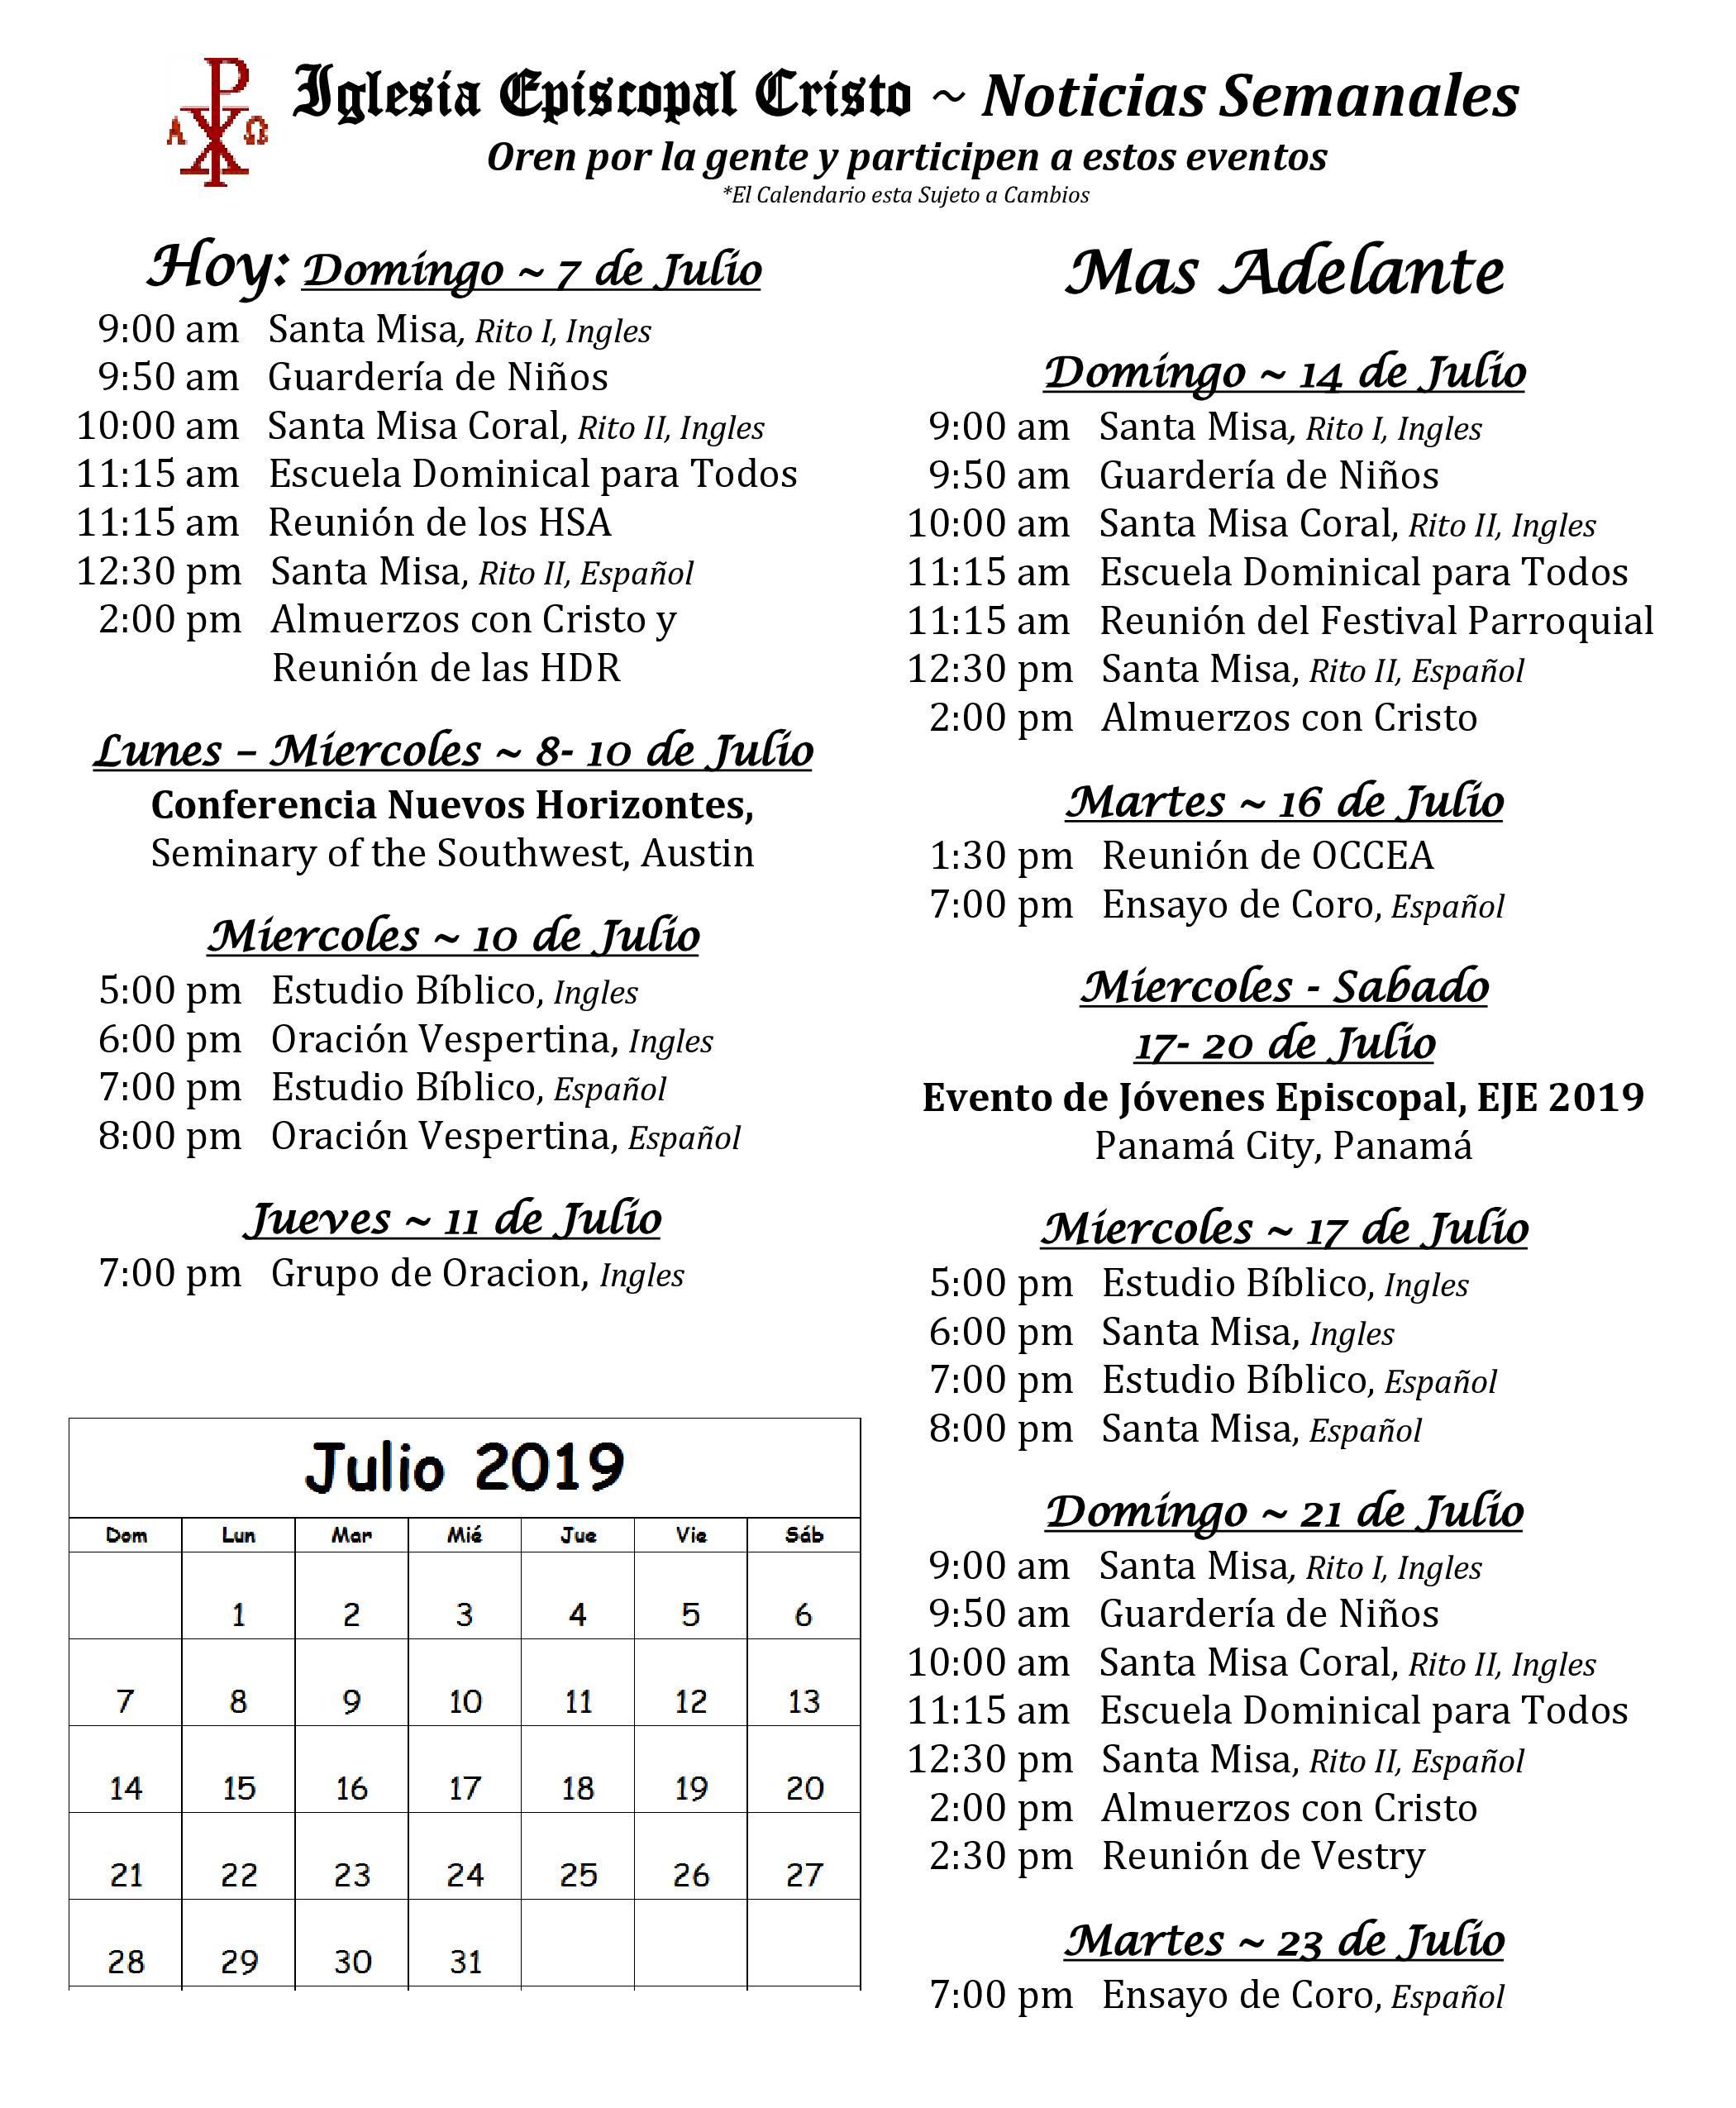 2019 0707 Noticias Semanales 1